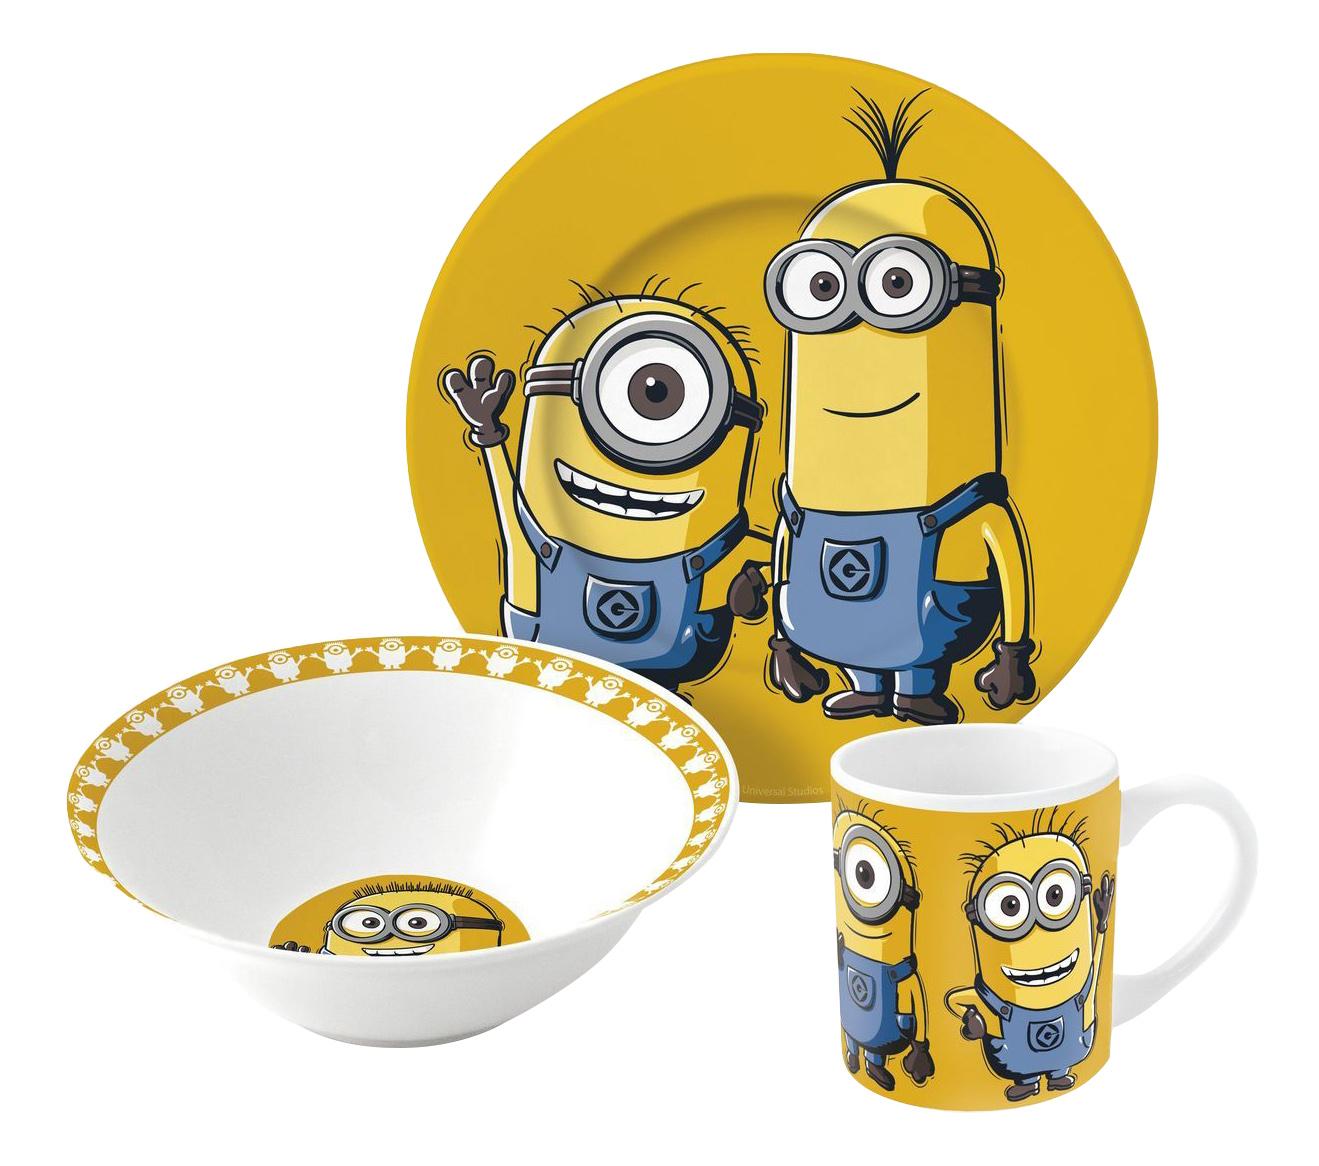 Купить 252347, Набор посуды керамической в подарочной упаковке (3 предмета), Миньоны оранжевый, Stor, Наборы детской посуды